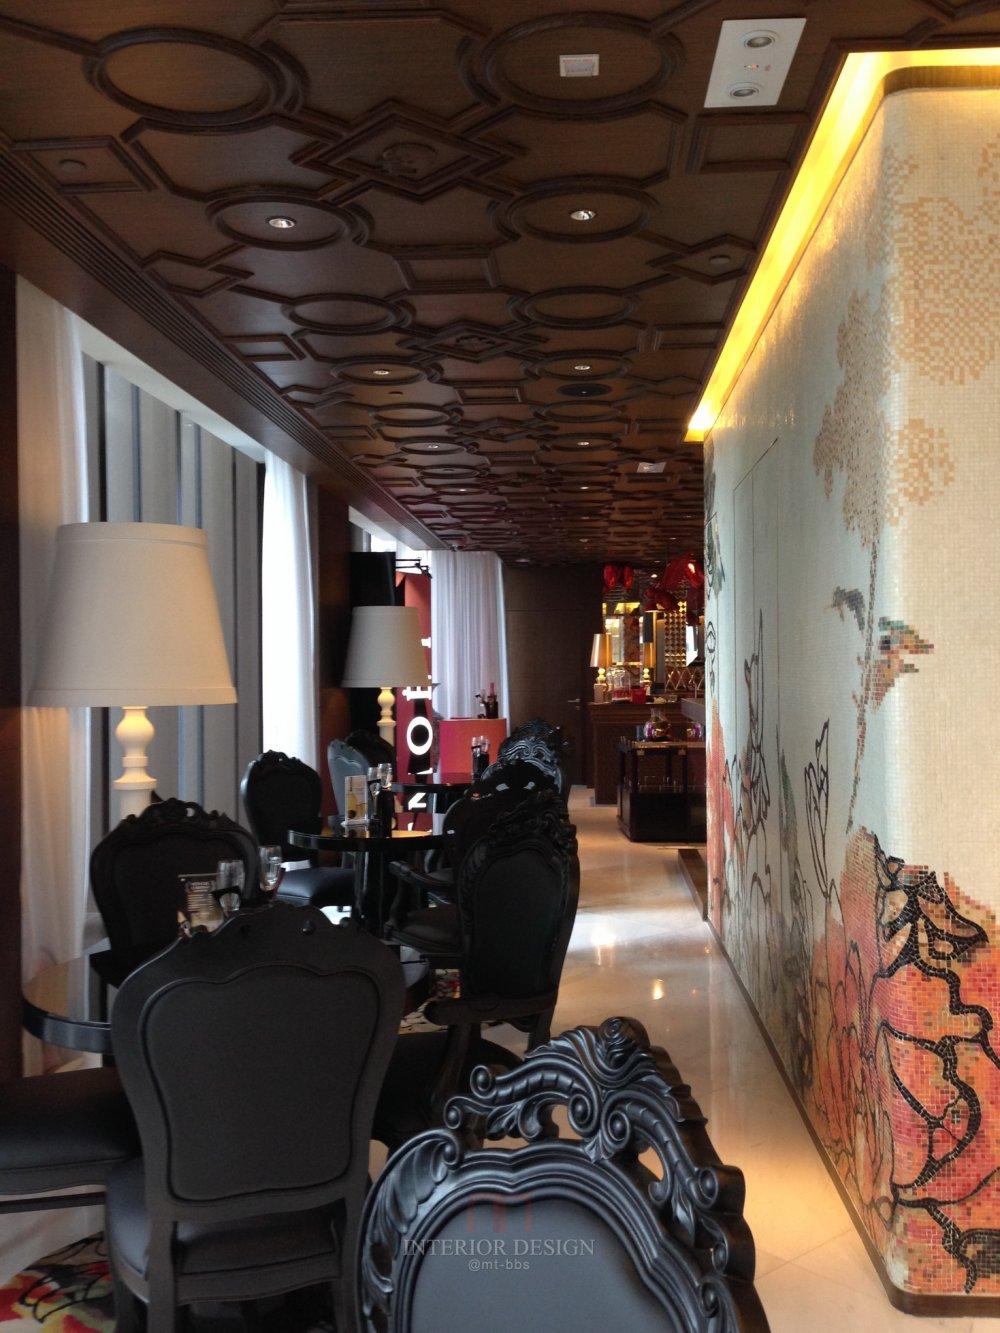 香港湾仔美丽华精品酒店Mira Moon Hotel  自拍分享_IMG_4136.JPG